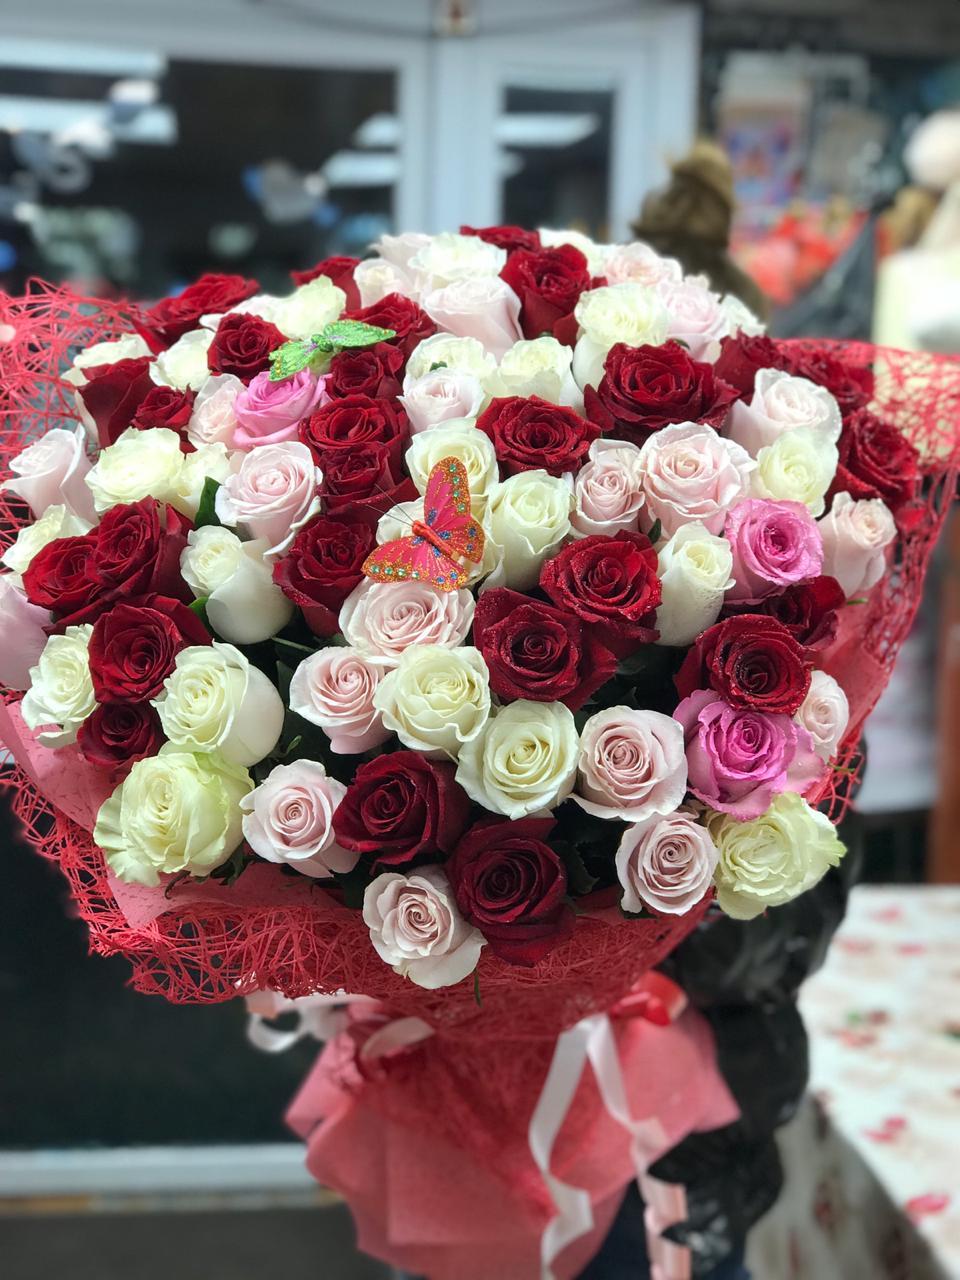 Заказ доставка цветов в осетии букеты екатеринбург где